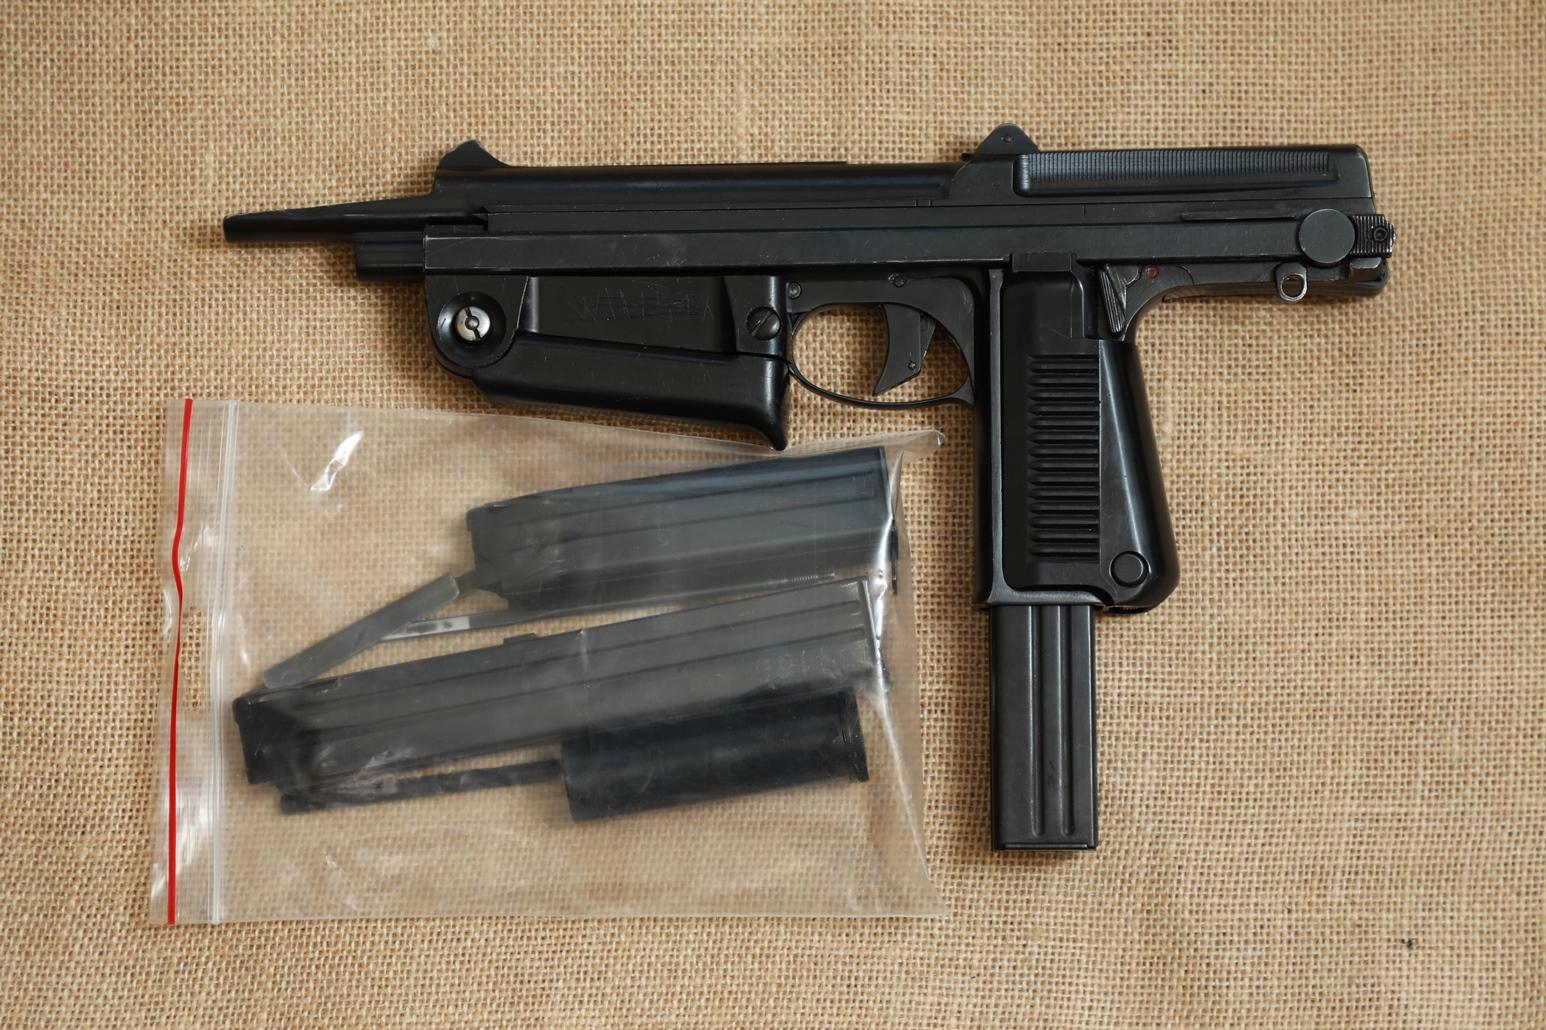 Фото Охолощенный пистолет-пулемет RAK-63 #МО 08438 1970 год, 1 категория